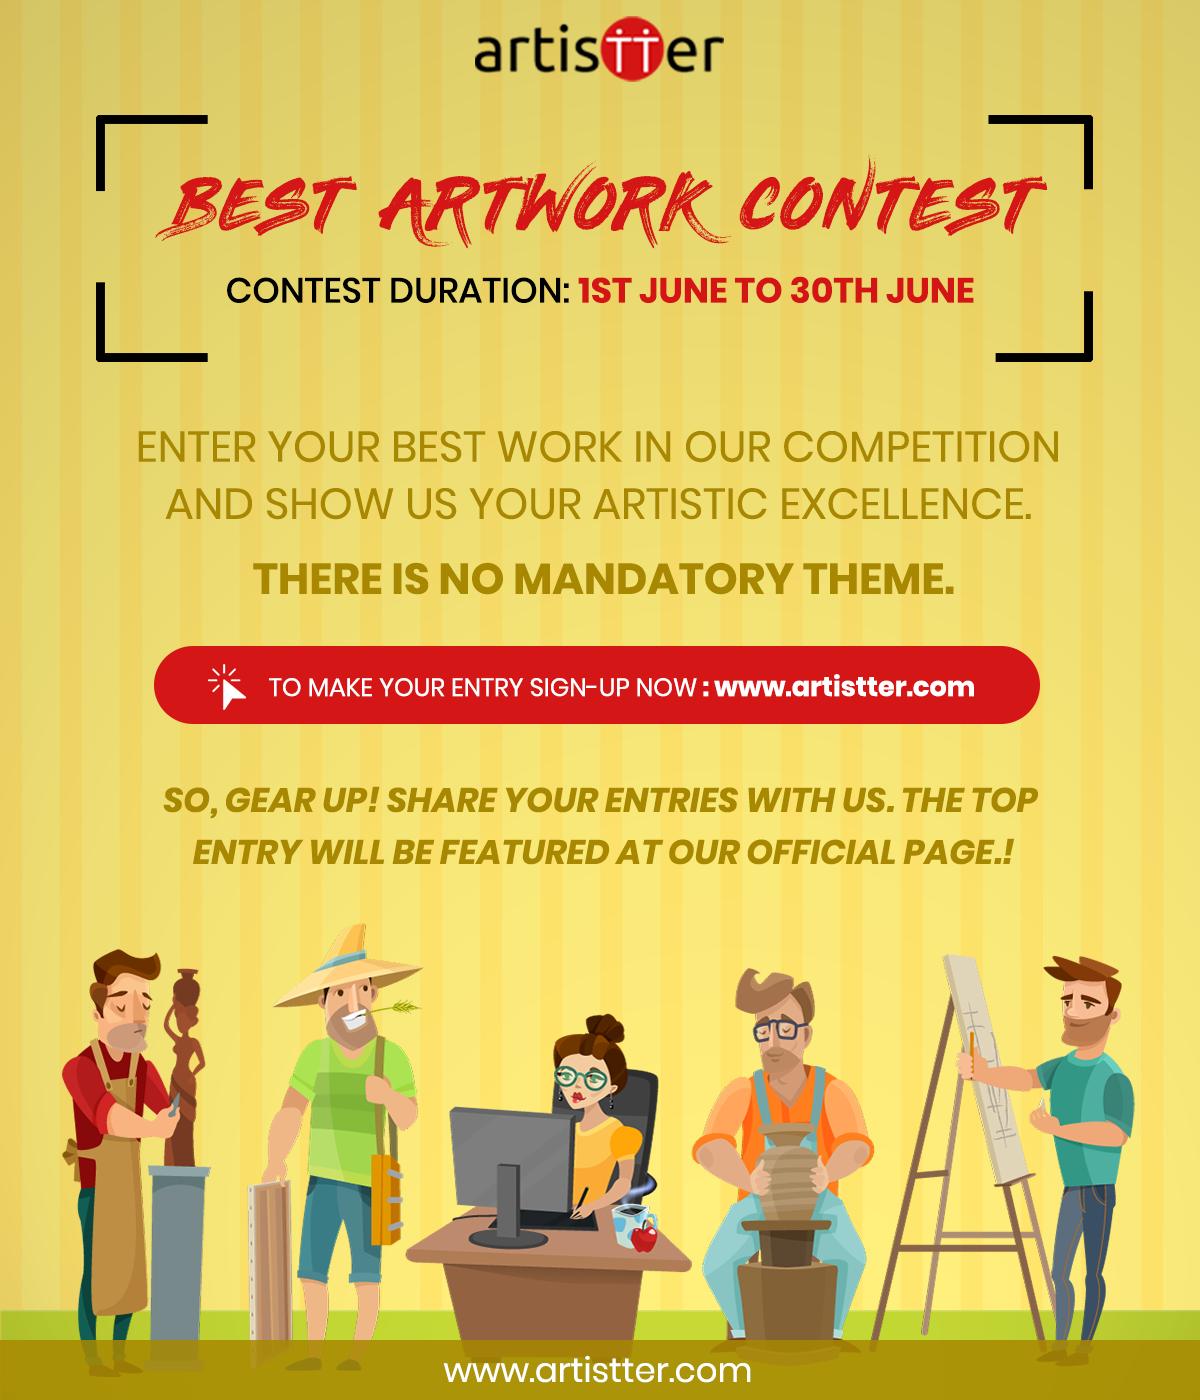 Artistter Best Artwork Contest